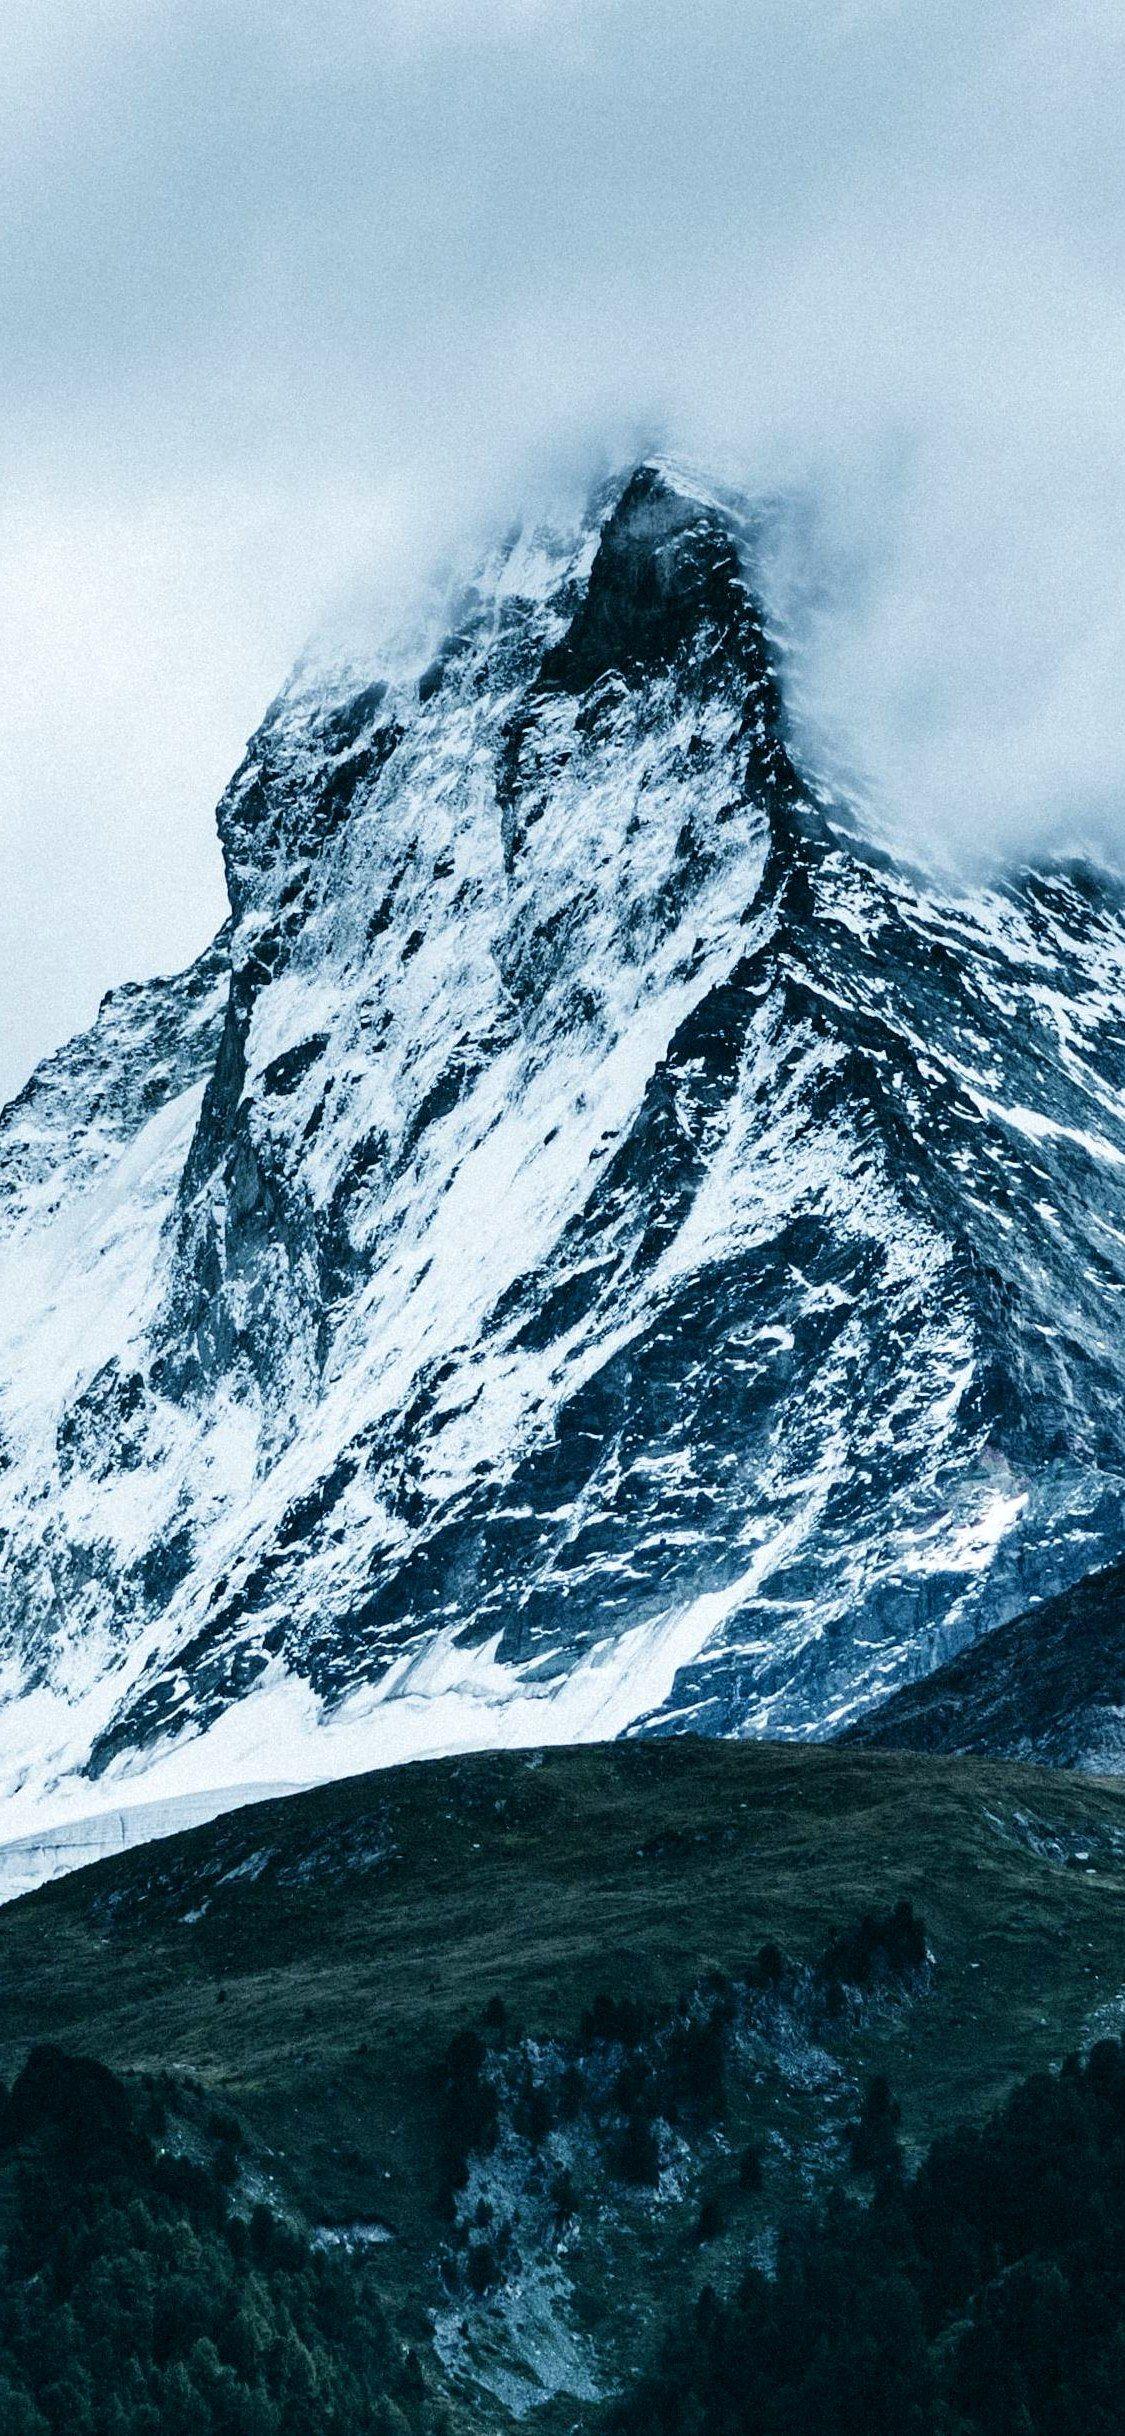 Mountains Fog Sky Matterhorn Wallpaper Iphone X Wallpaper Iphone Wallpaper Mountains Best Nature Wallpapers Iphone Wallpaper Wallpaper road trees snow marking snowy